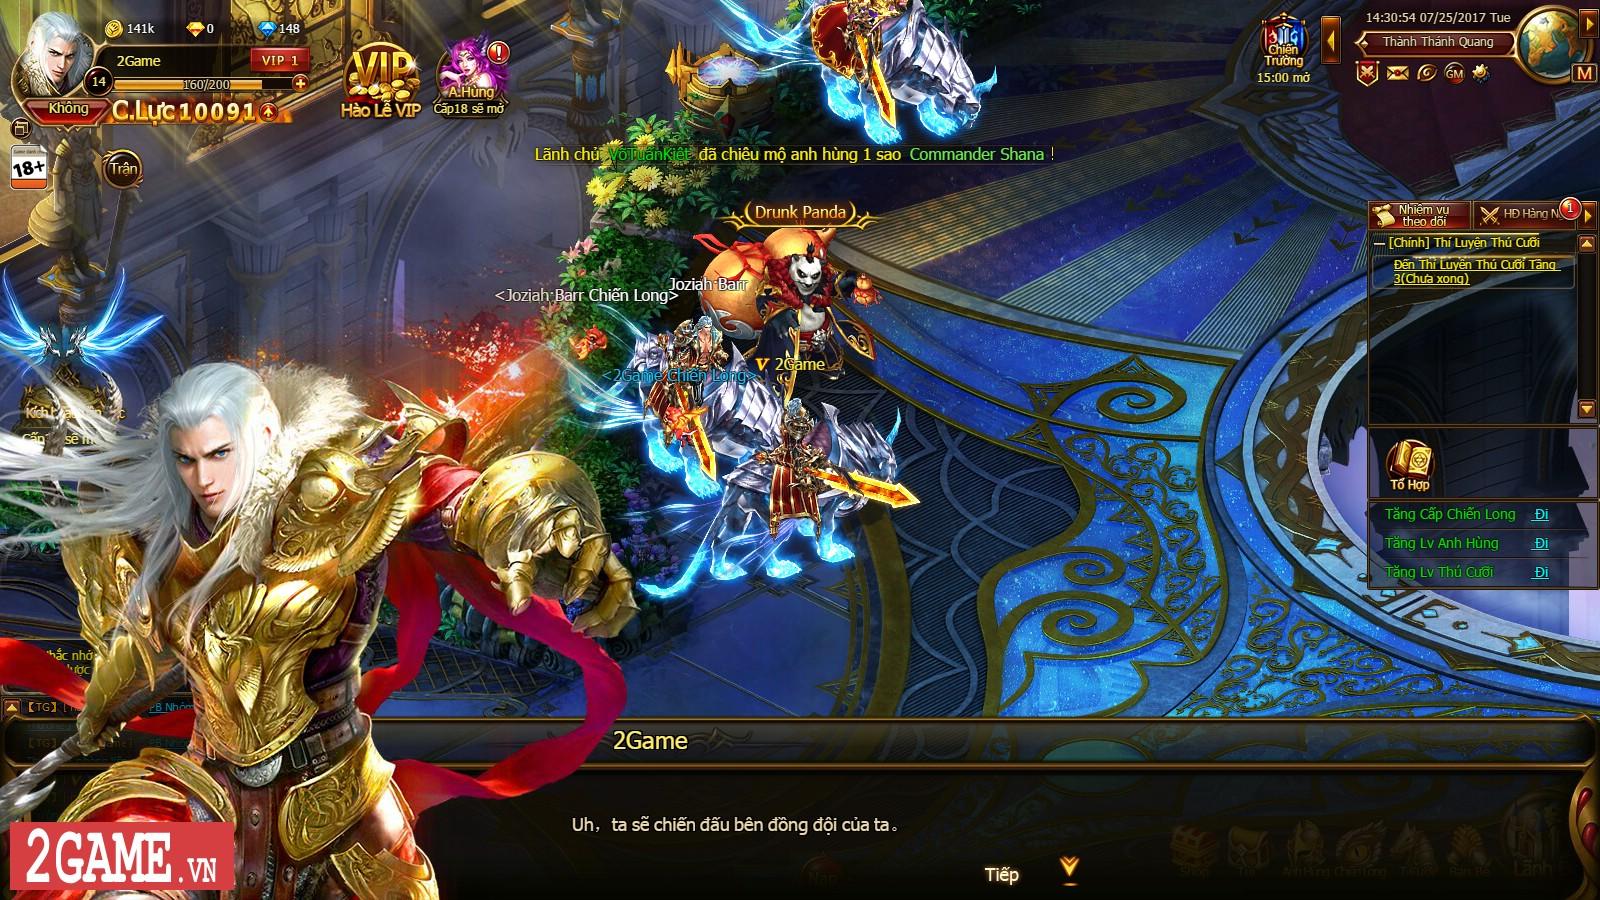 Đánh giá Game of Dragons: Cảm giác đi săn Rồng, đánh đối kháng theo lượt khá thú vị 0